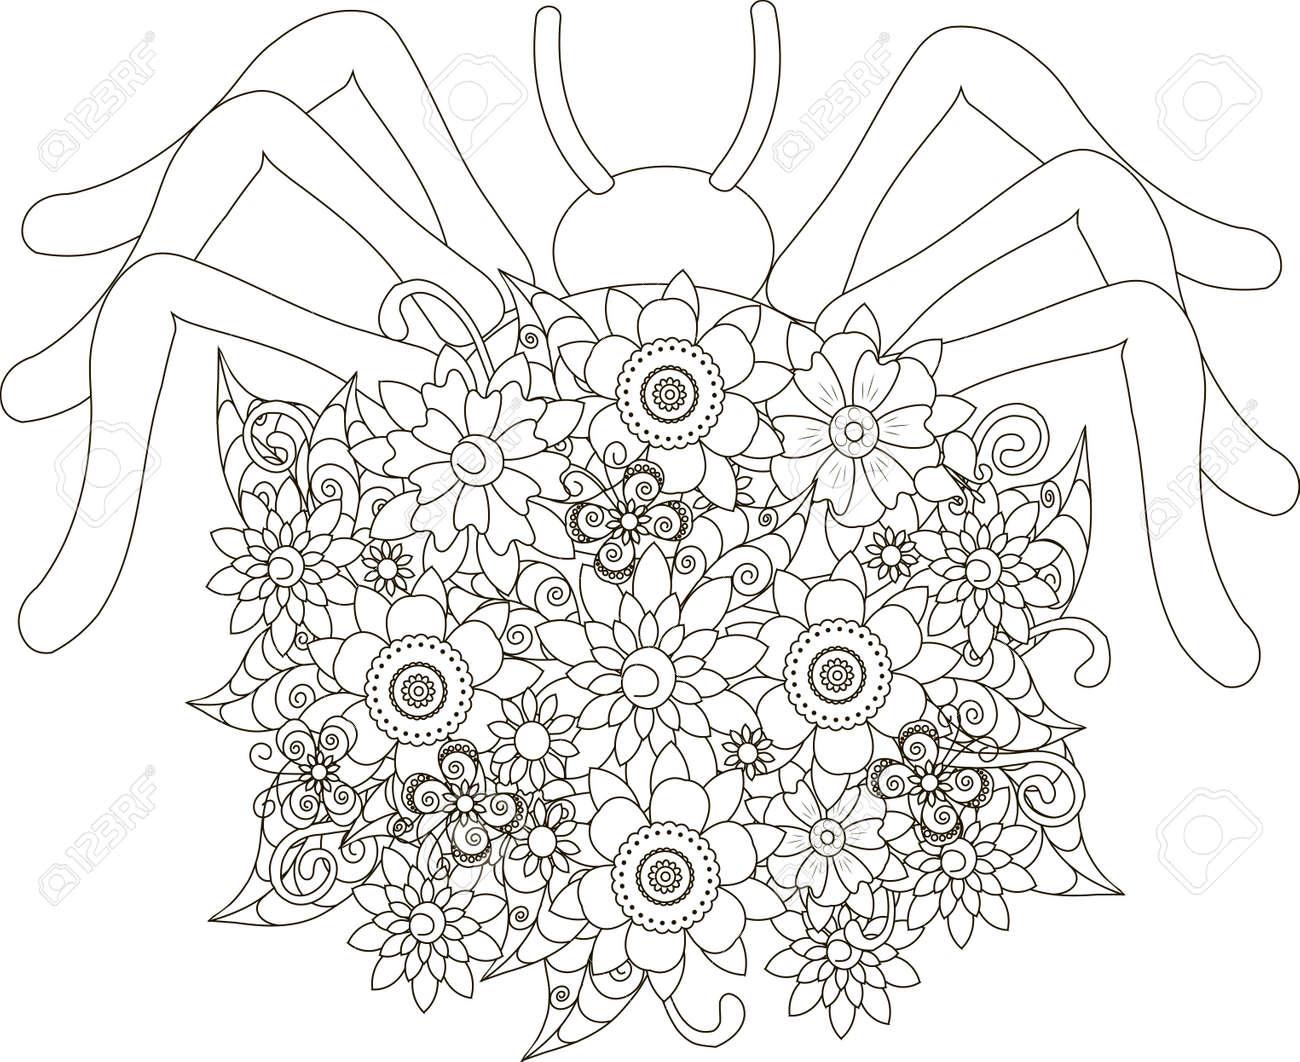 Blüht Die Spinne Und Malt Anti-stress Vektorillustration